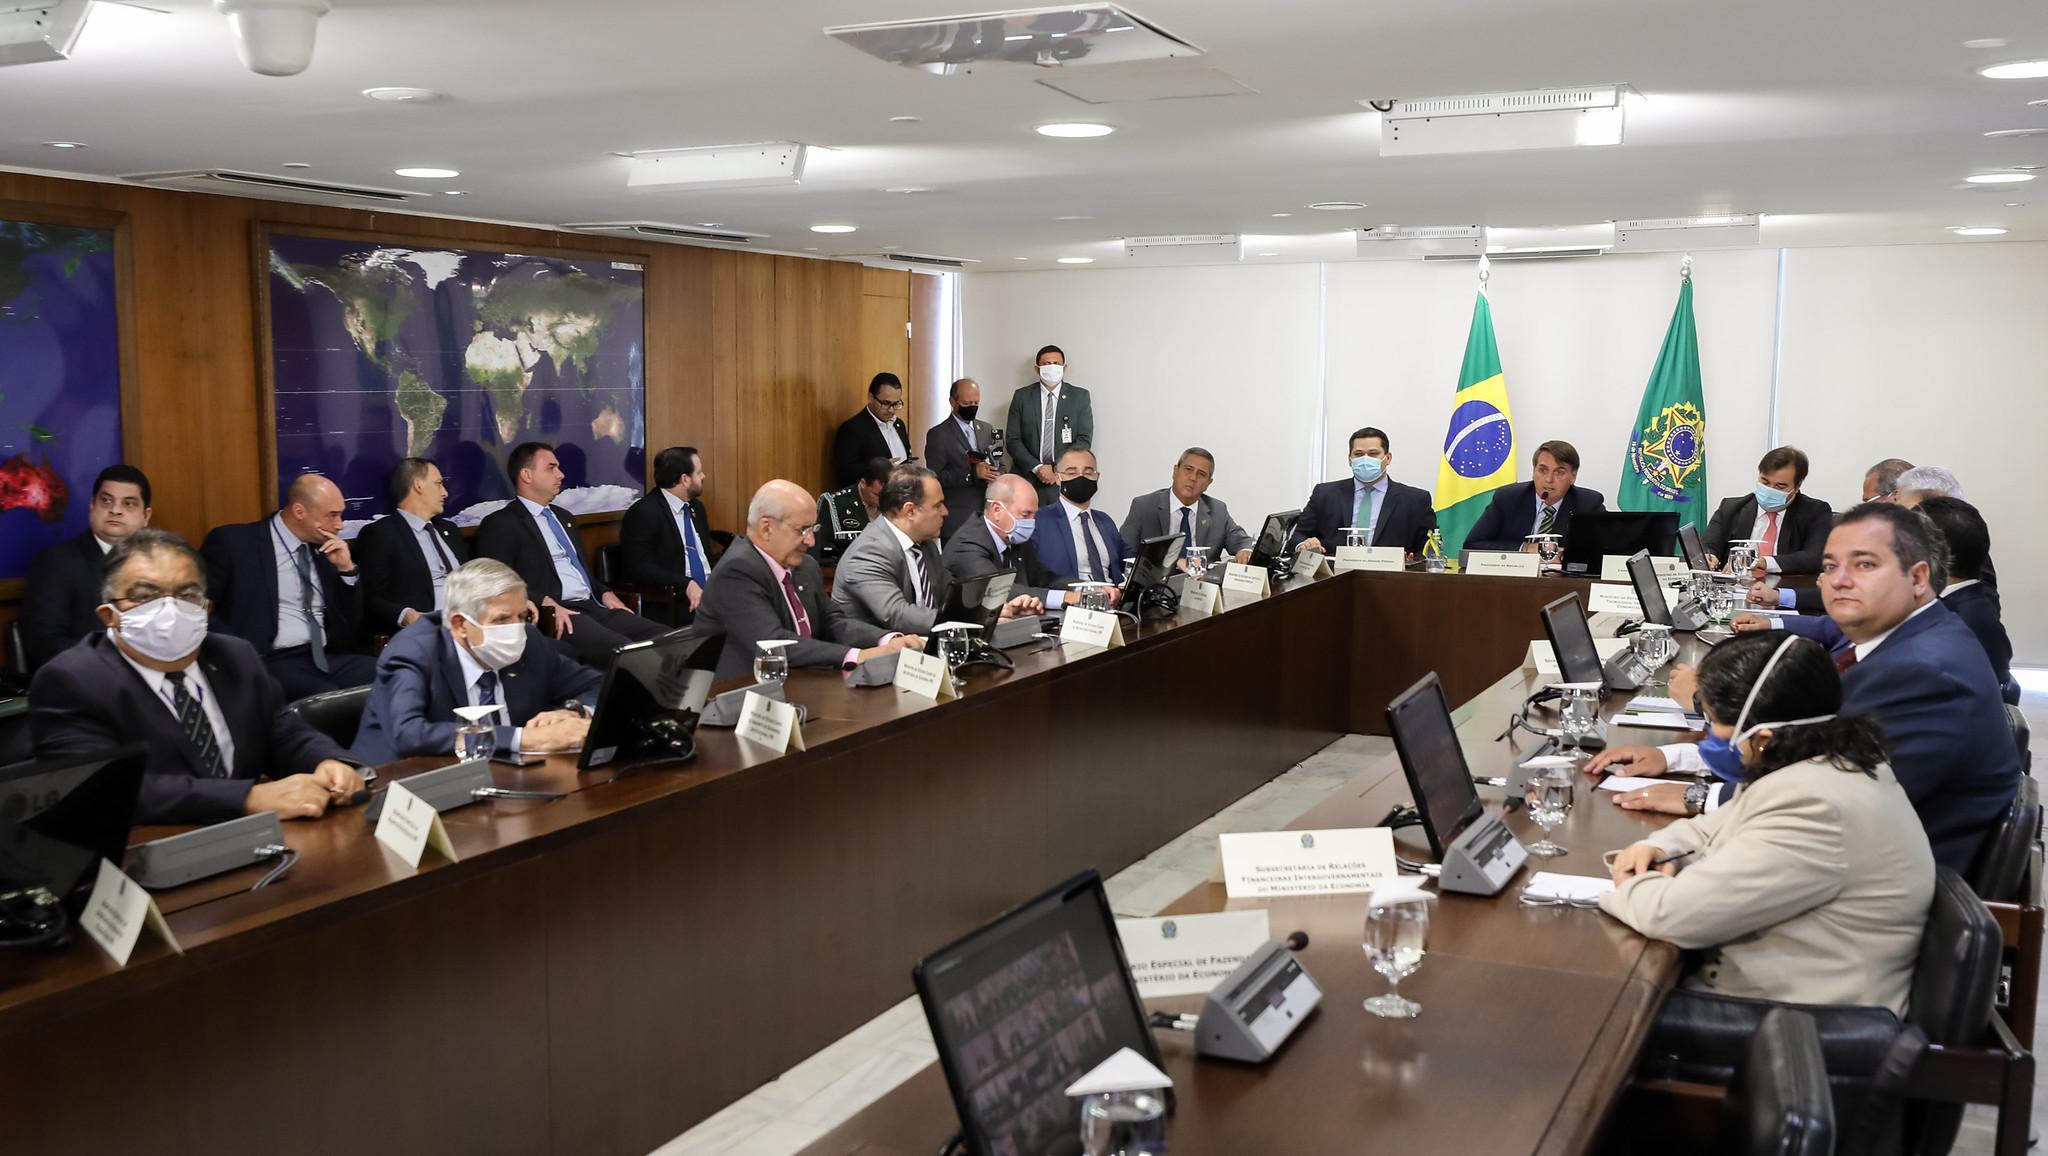 reuniao-bolsonaro-governadores_MarcosCorrea-PR